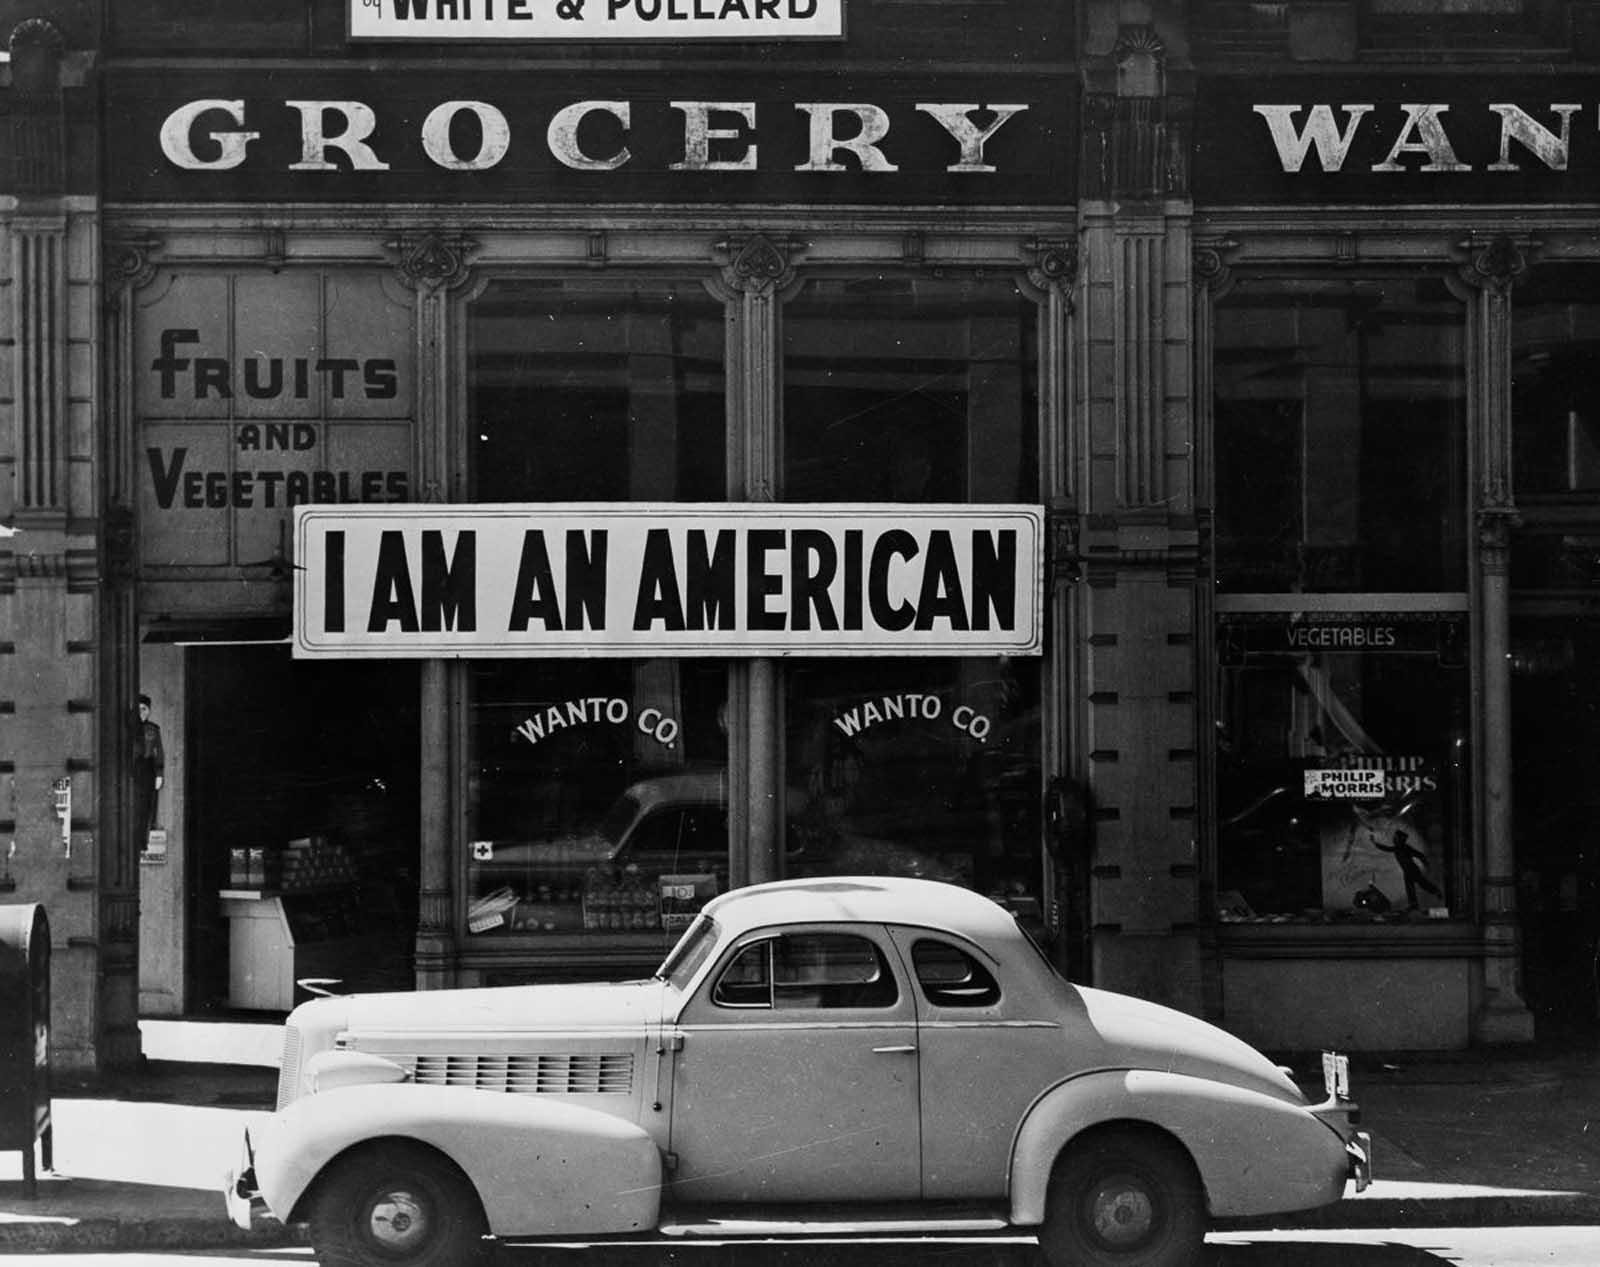 Esta tienda, propiedad de un hombre de ascendencia japonesa, se cierra tras las órdenes de evacuación en Oakland, California, en abril de 1942. Después del ataque a Pearl Harbor, el propietario había colocado el